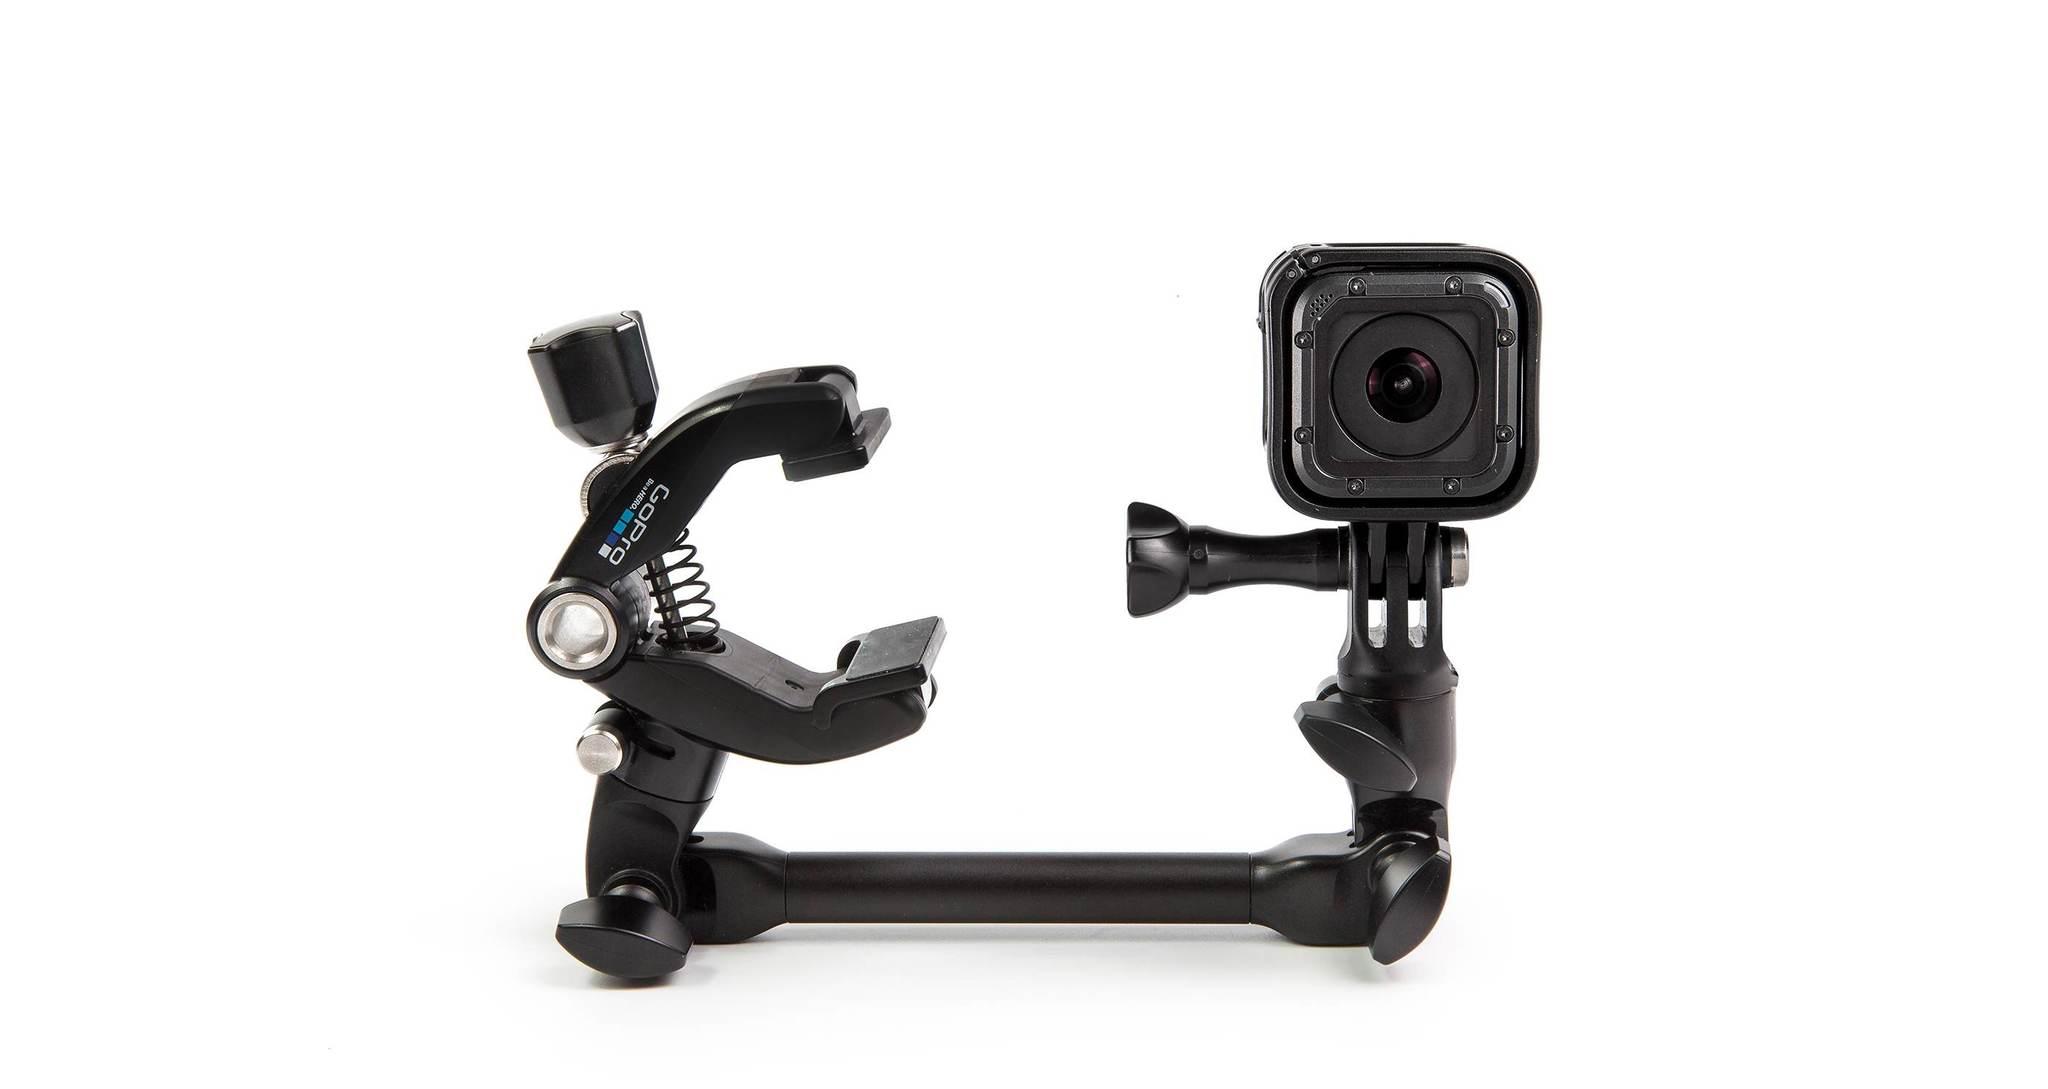 Крепление для музыкальных инструментов GoPro AMCLP-001 The Jam-Adjustable Music вид с камерой session